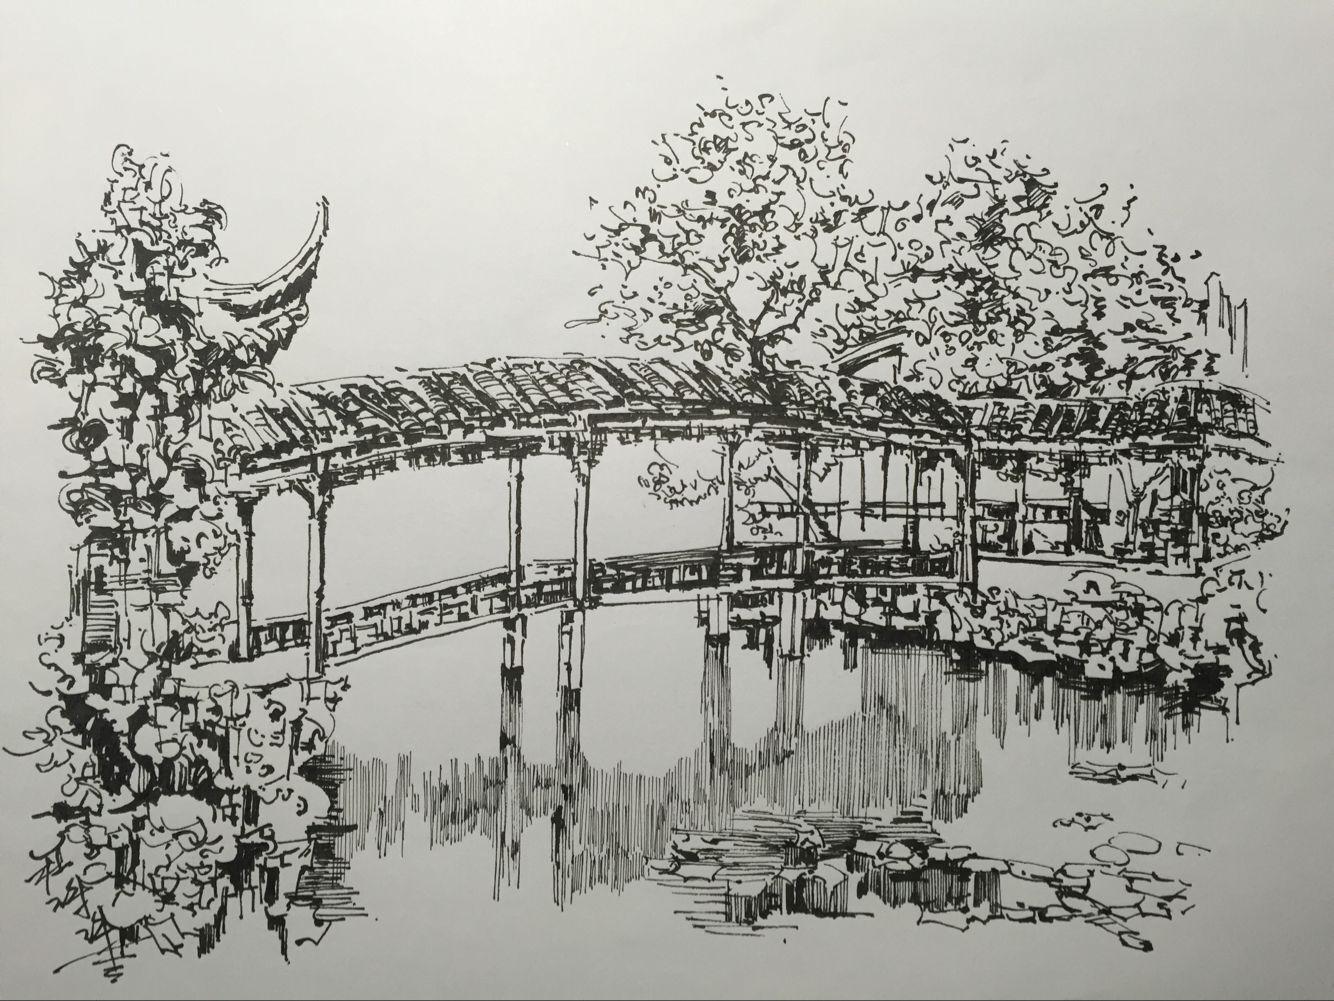 杭州写生手绘|空间|景观设计|讹兽 - 原创作品 - 站酷